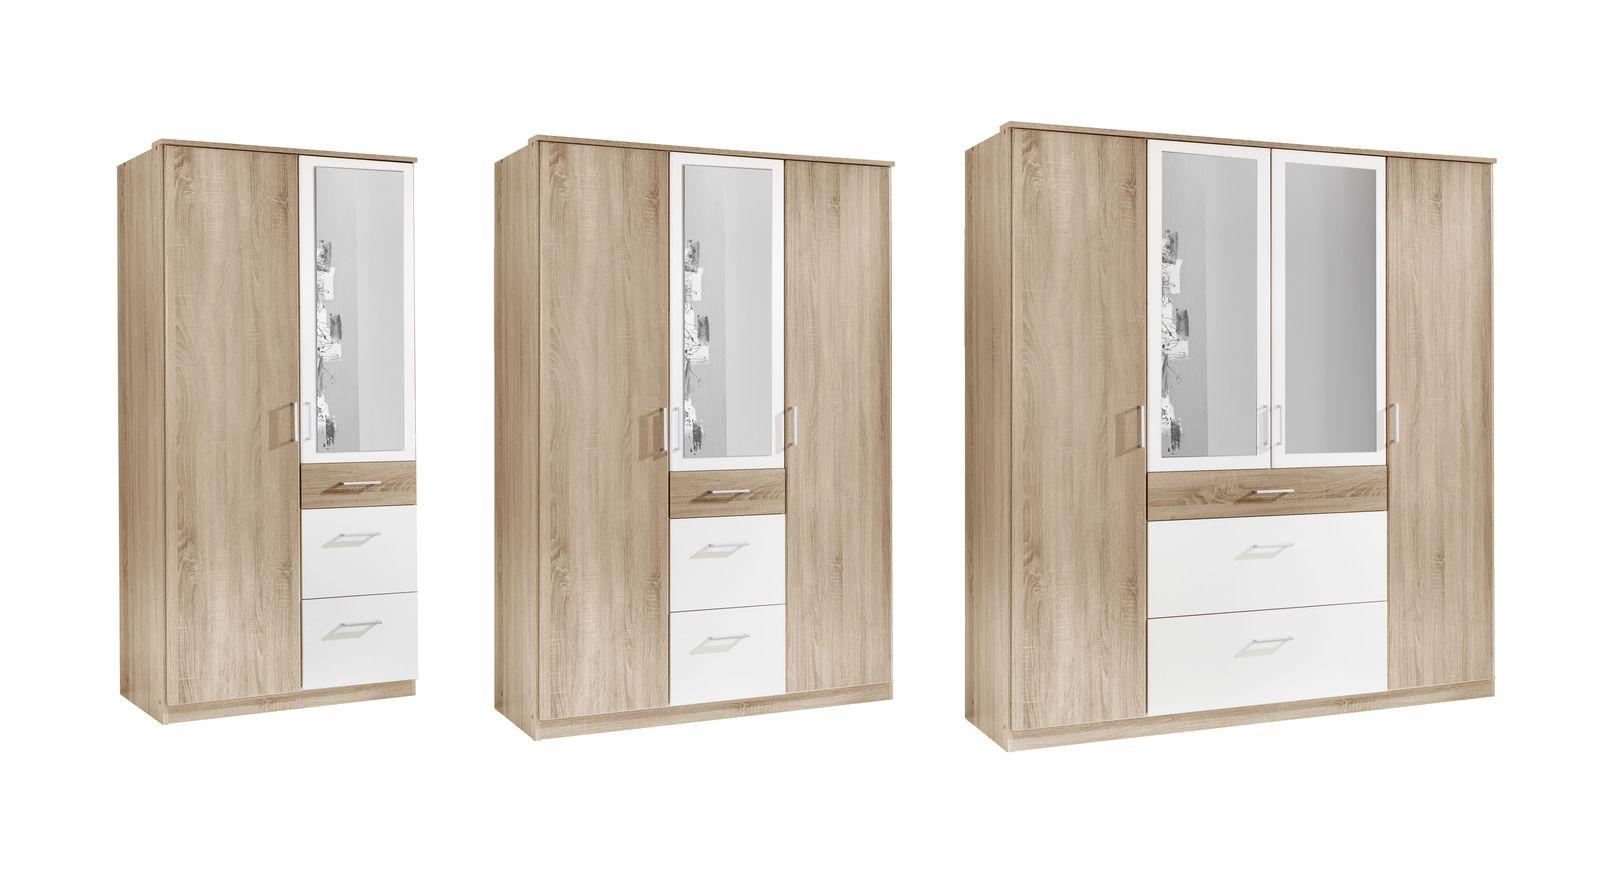 Funktions-Kleiderschrank Prea mit Spiegel und Schubladen